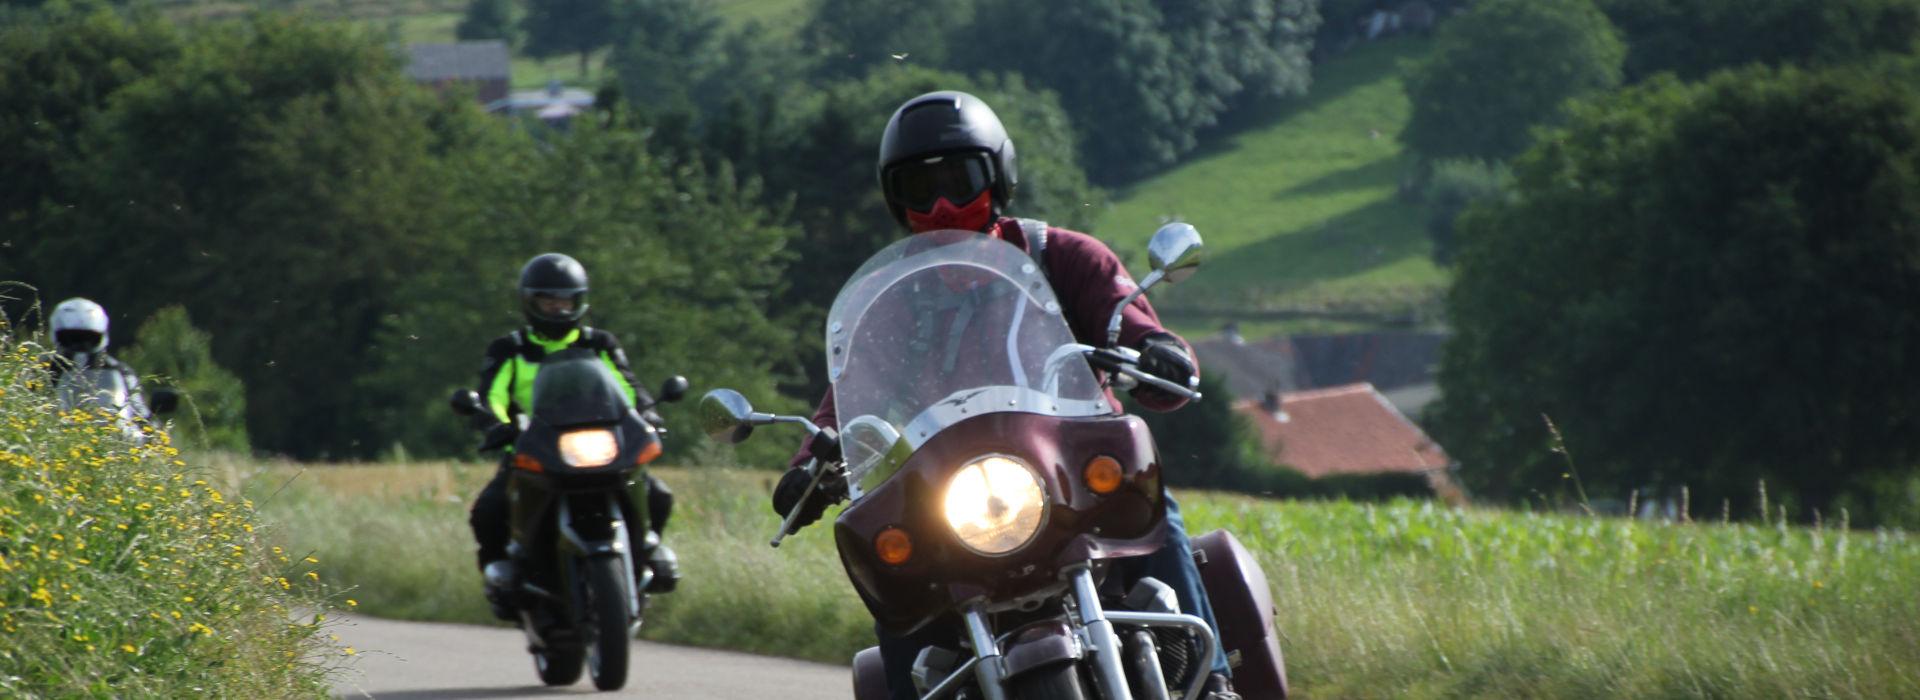 Motorrijbewijspoint Schinveld snelcursus motorrijbewijs